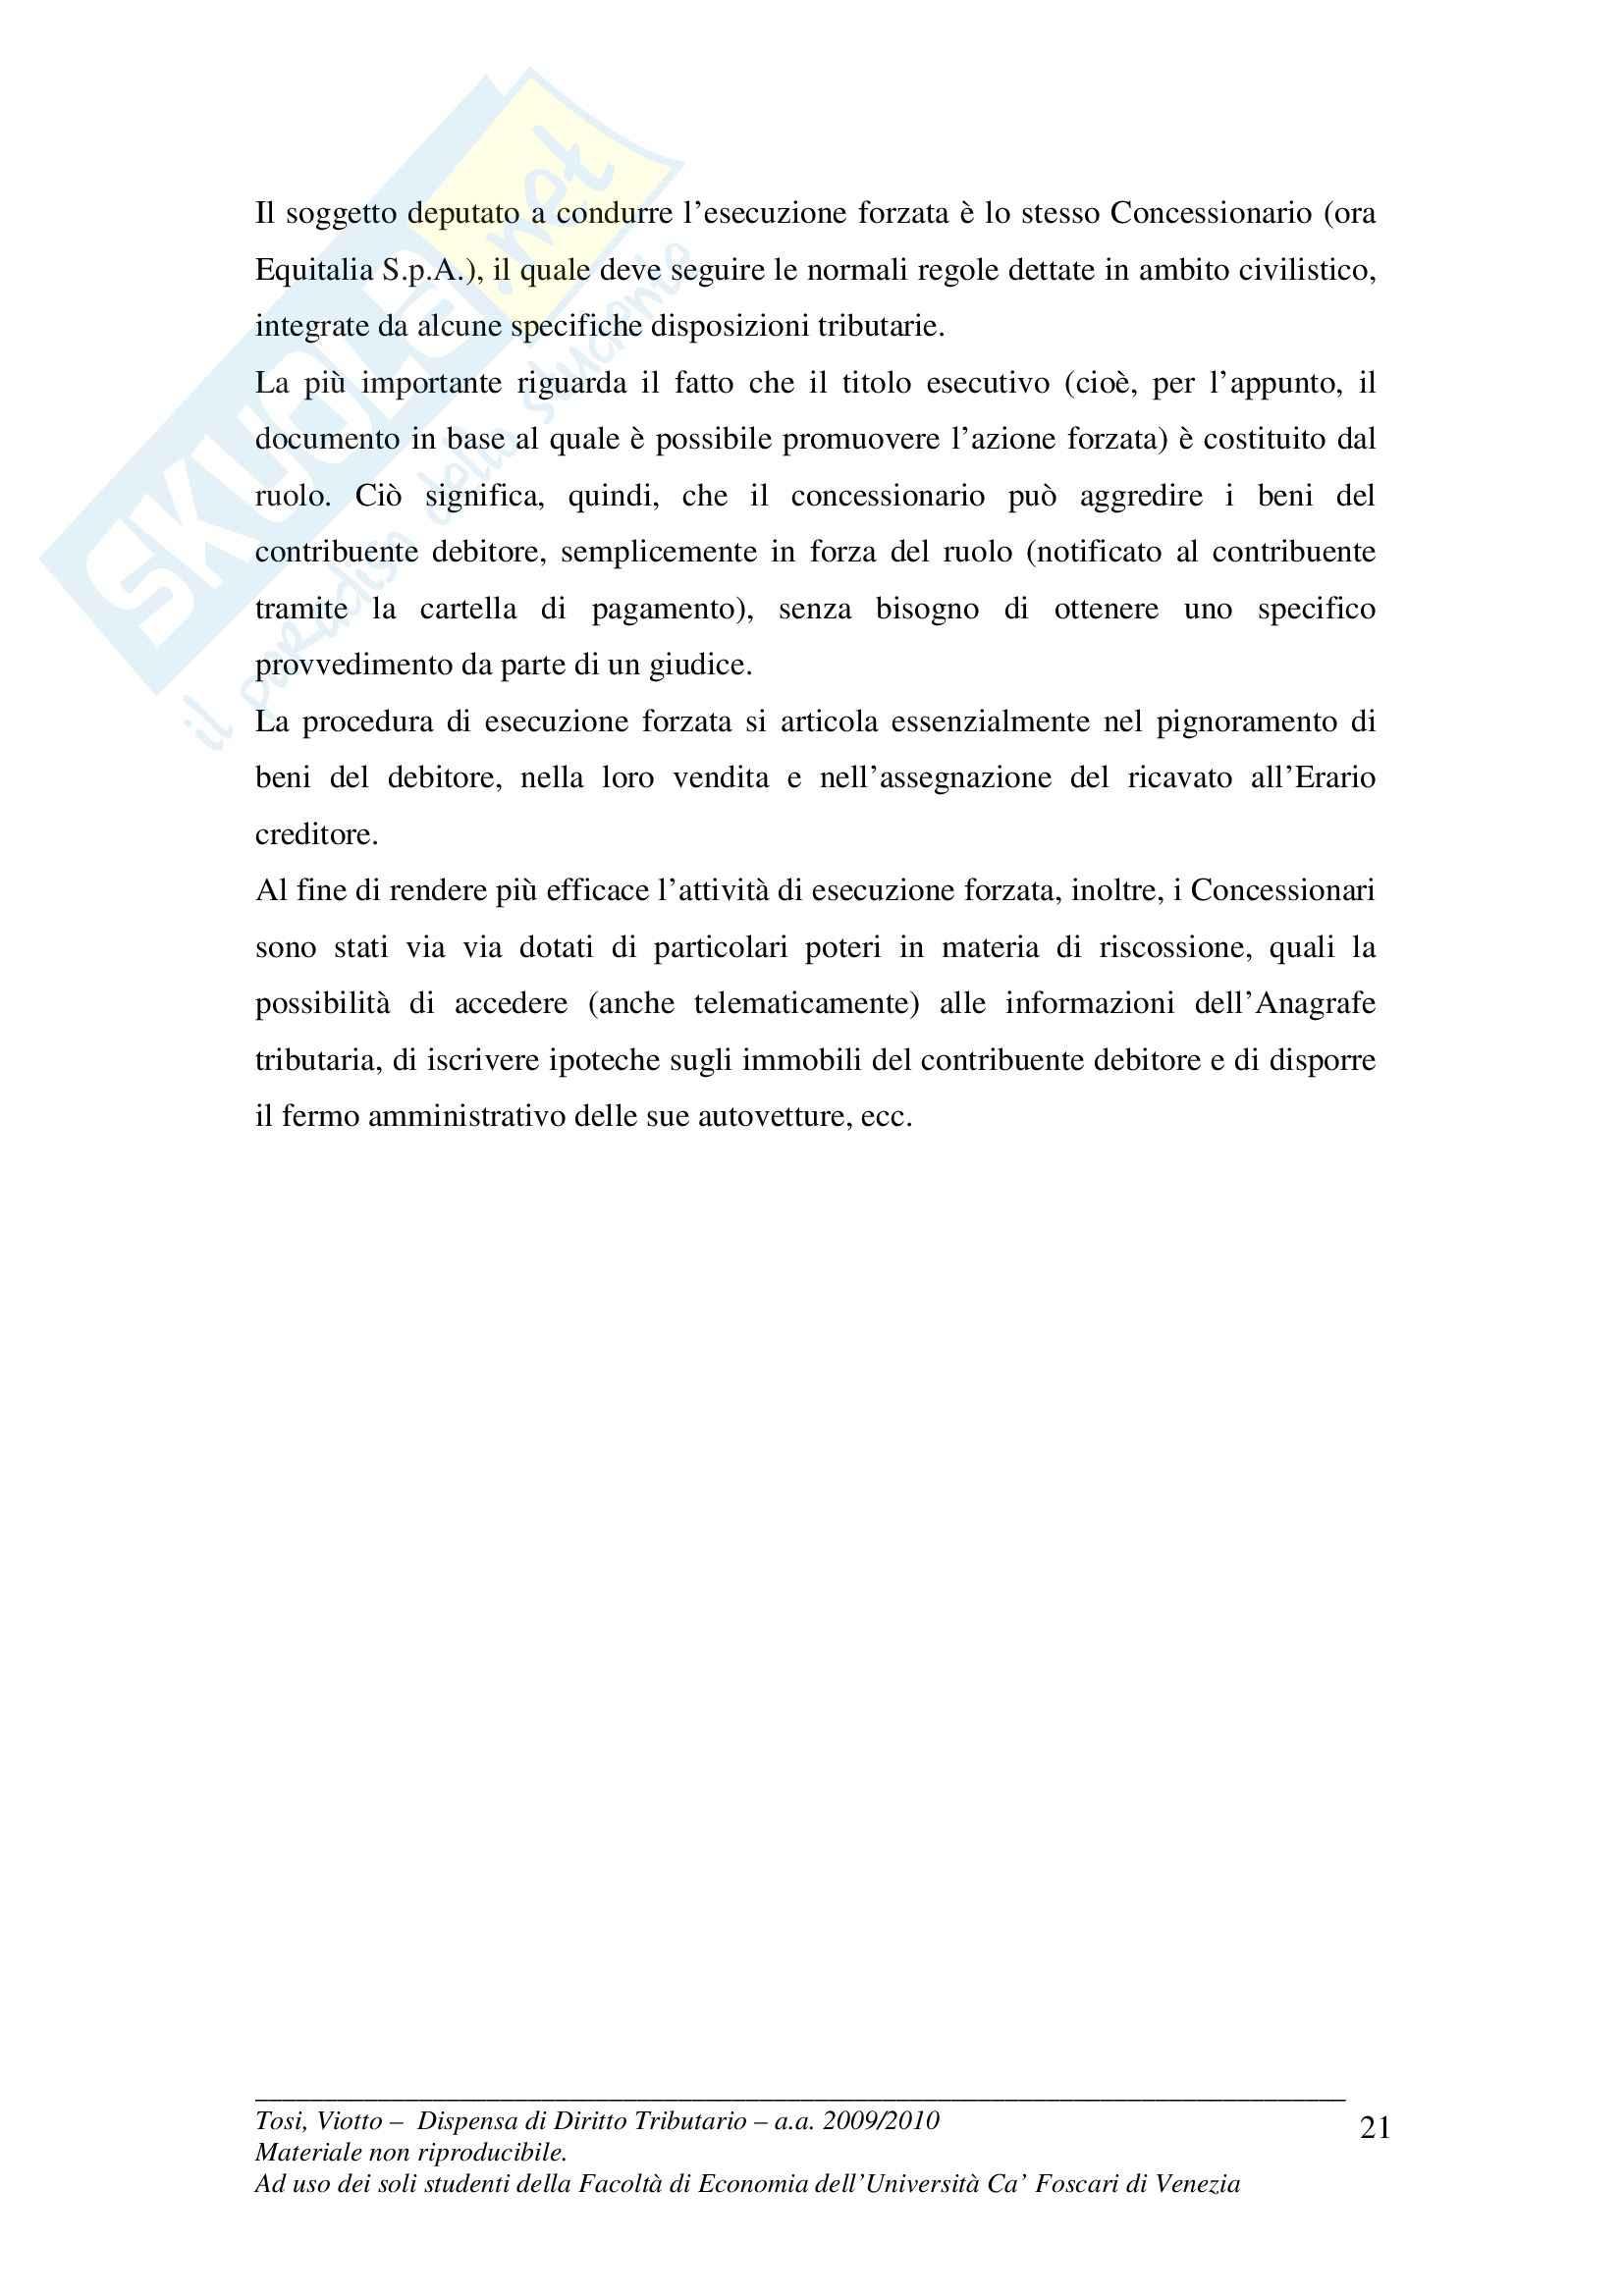 Diritto tributario - la dichiarazione tributaria Pag. 21